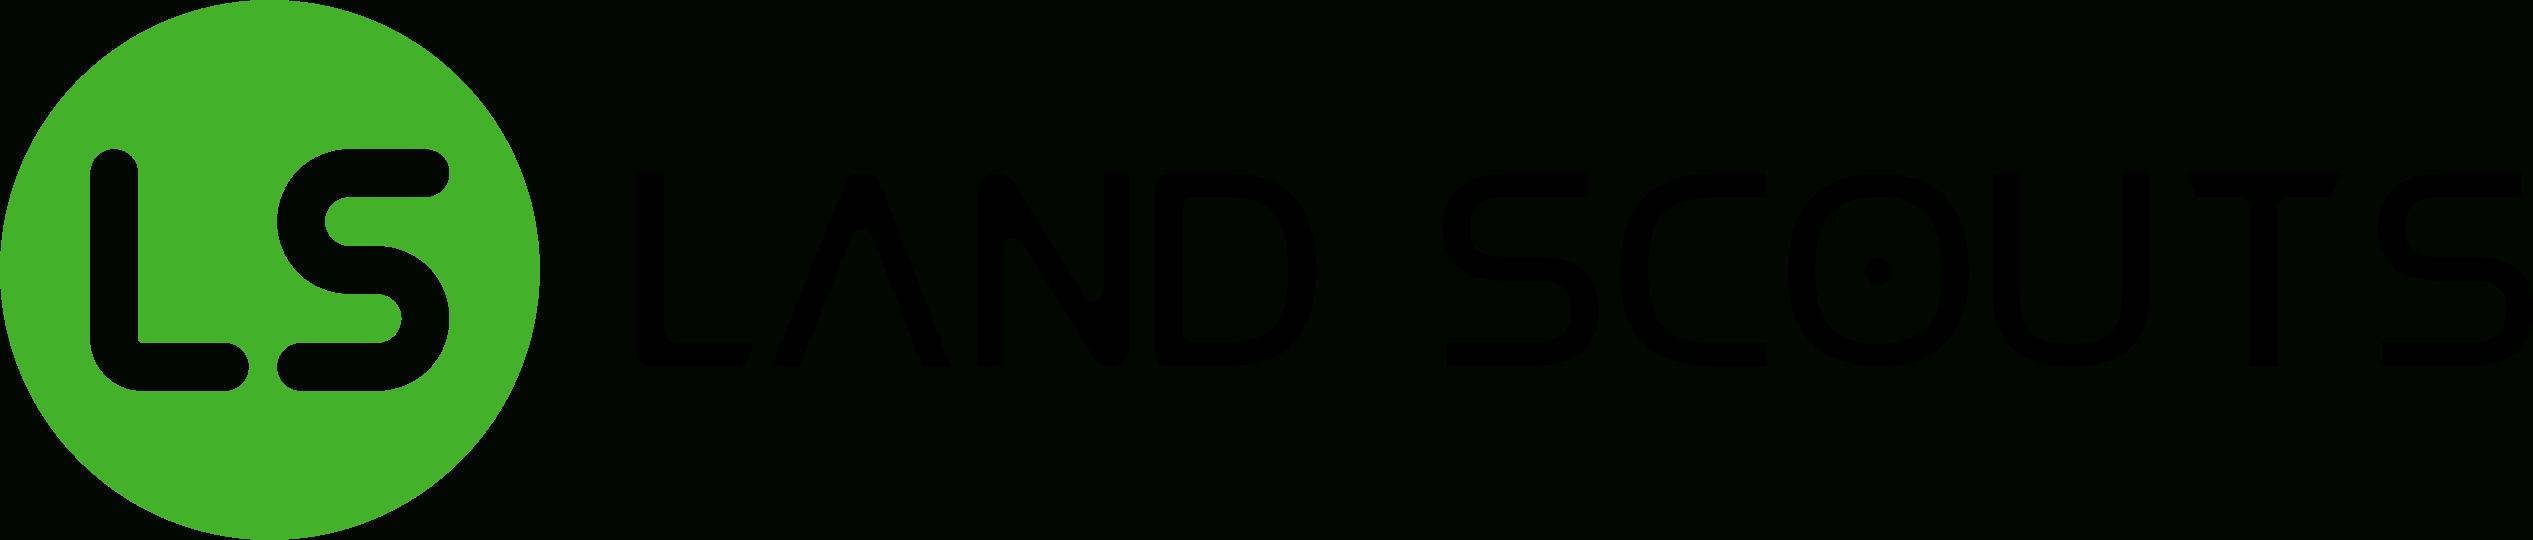 LandScouts